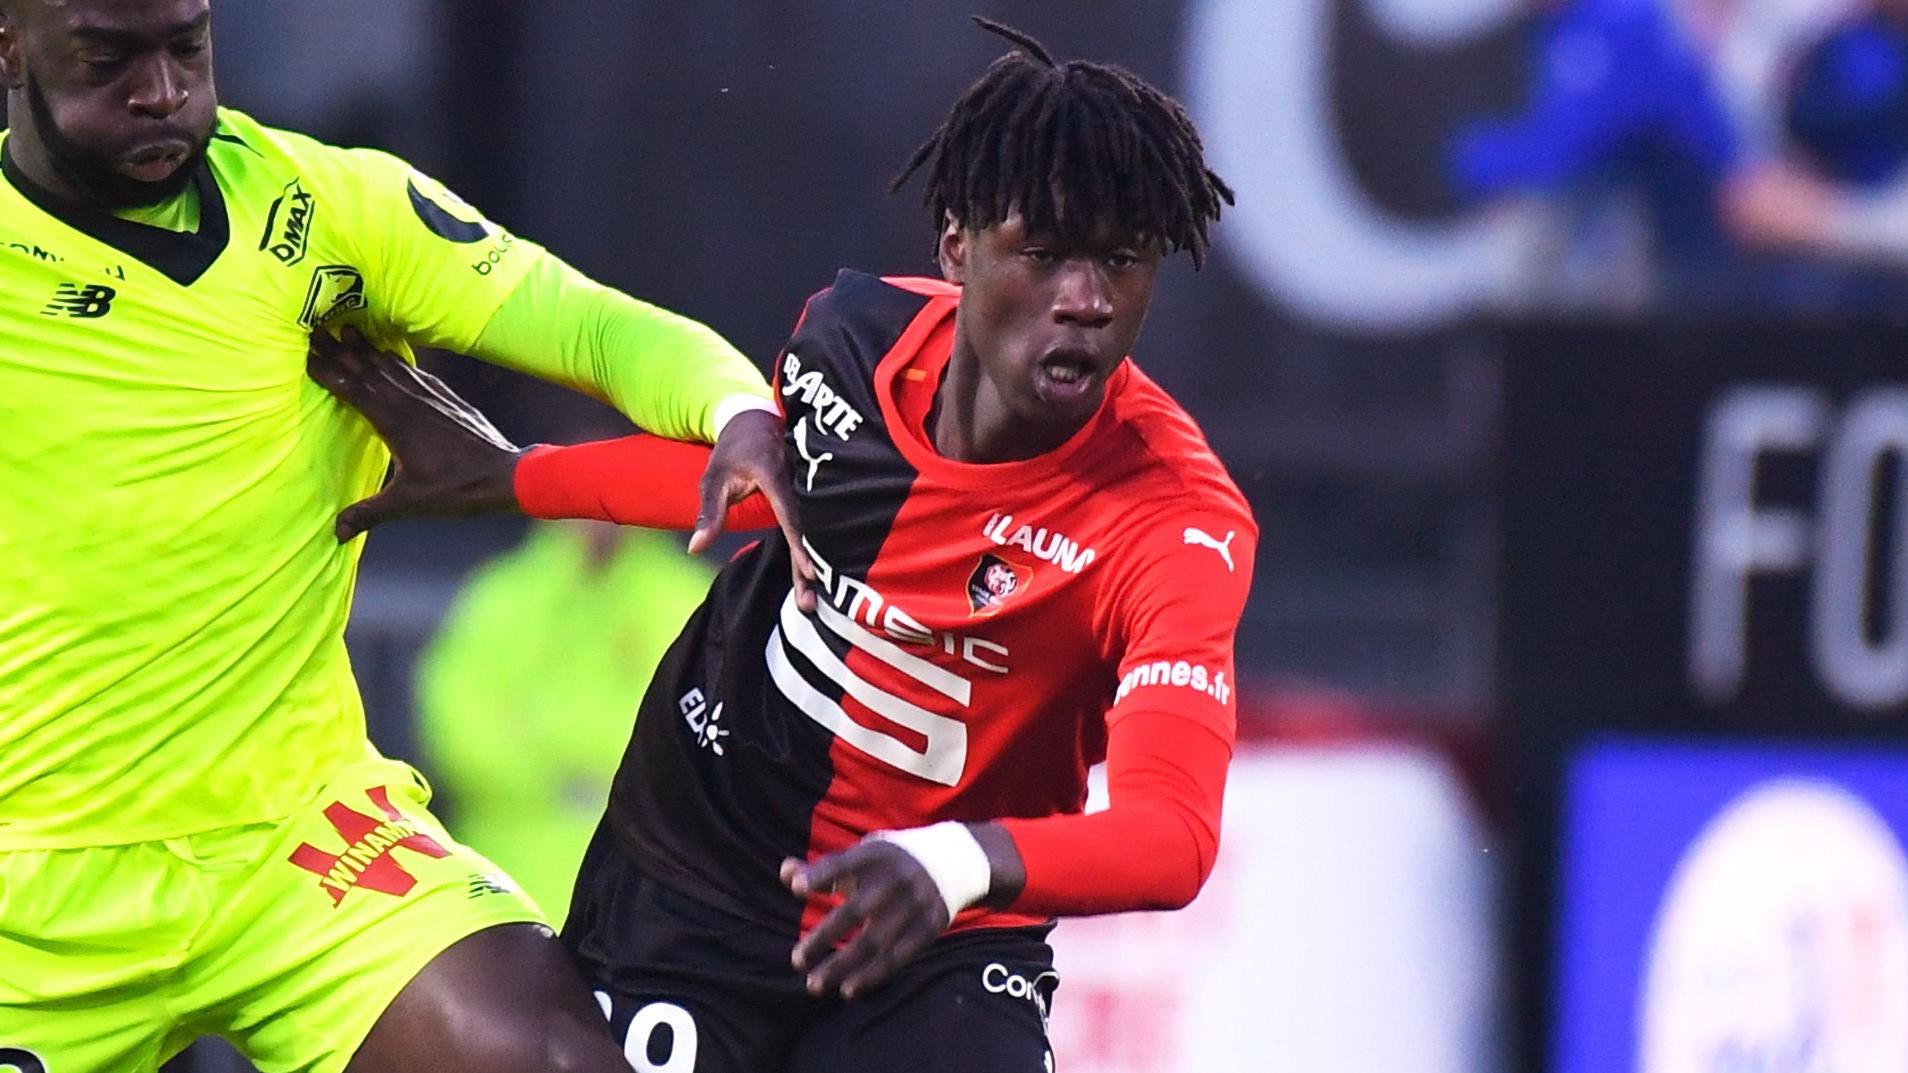 OFFICIEL : Eduardo Camavinga prolonge son contrat à Rennes jusqu'en 2022